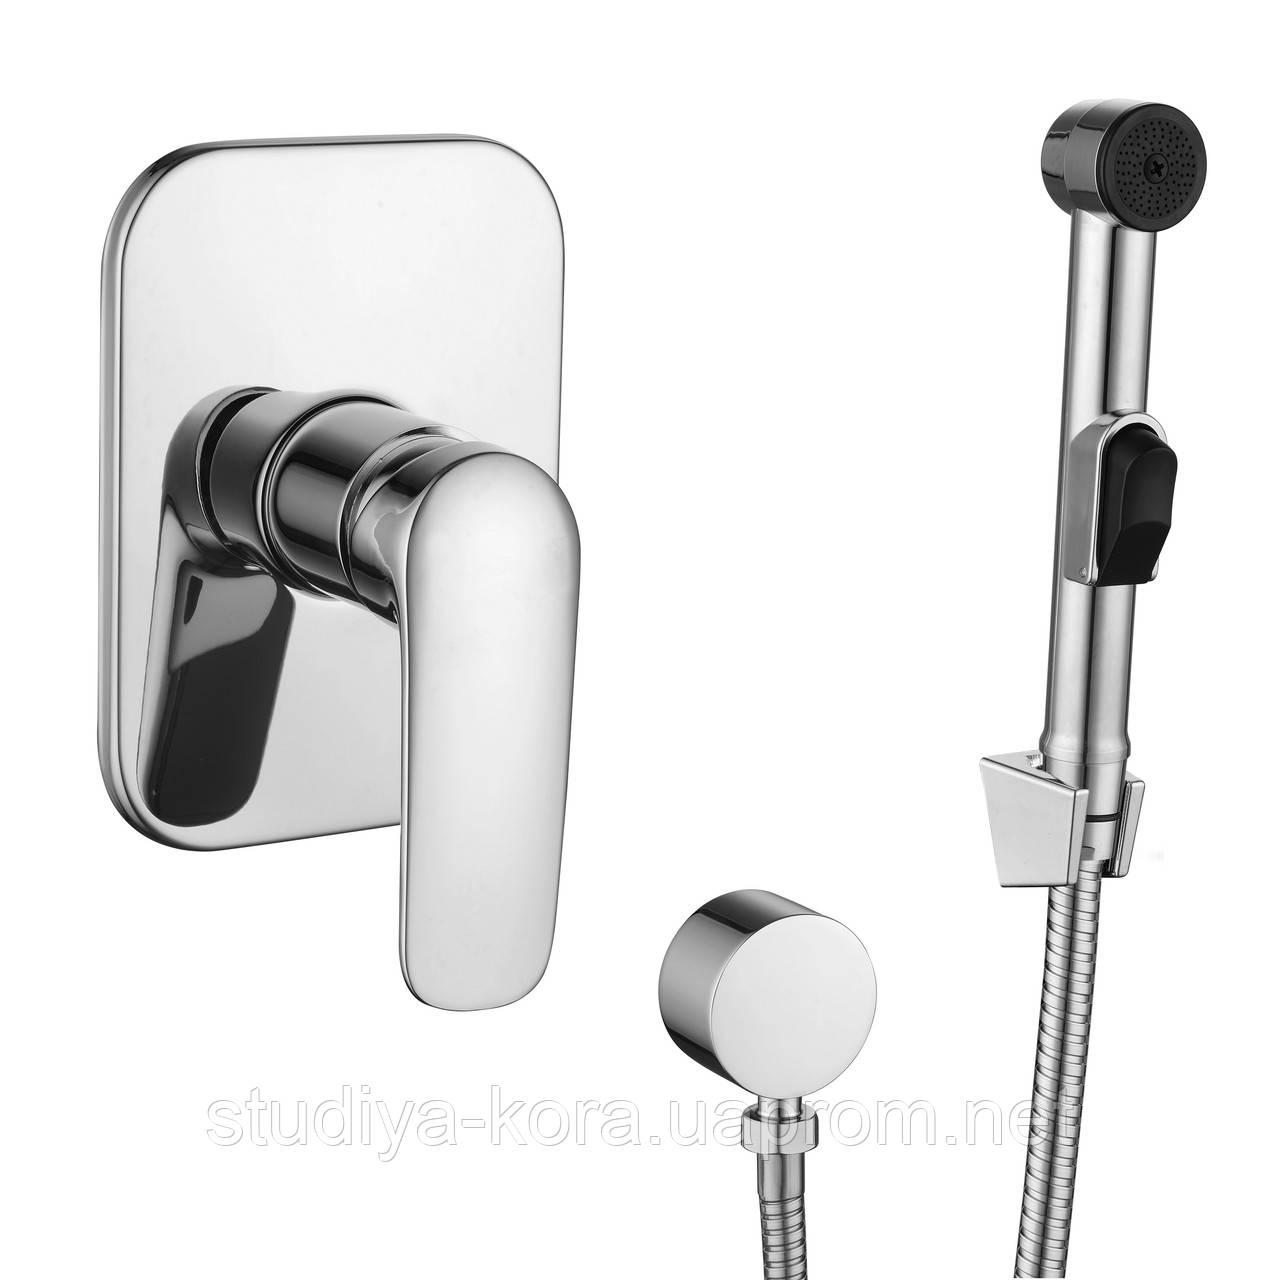 Купить PRAHA new набор (смеситель скрытого монтажа с гигиеническим душем), Imprese